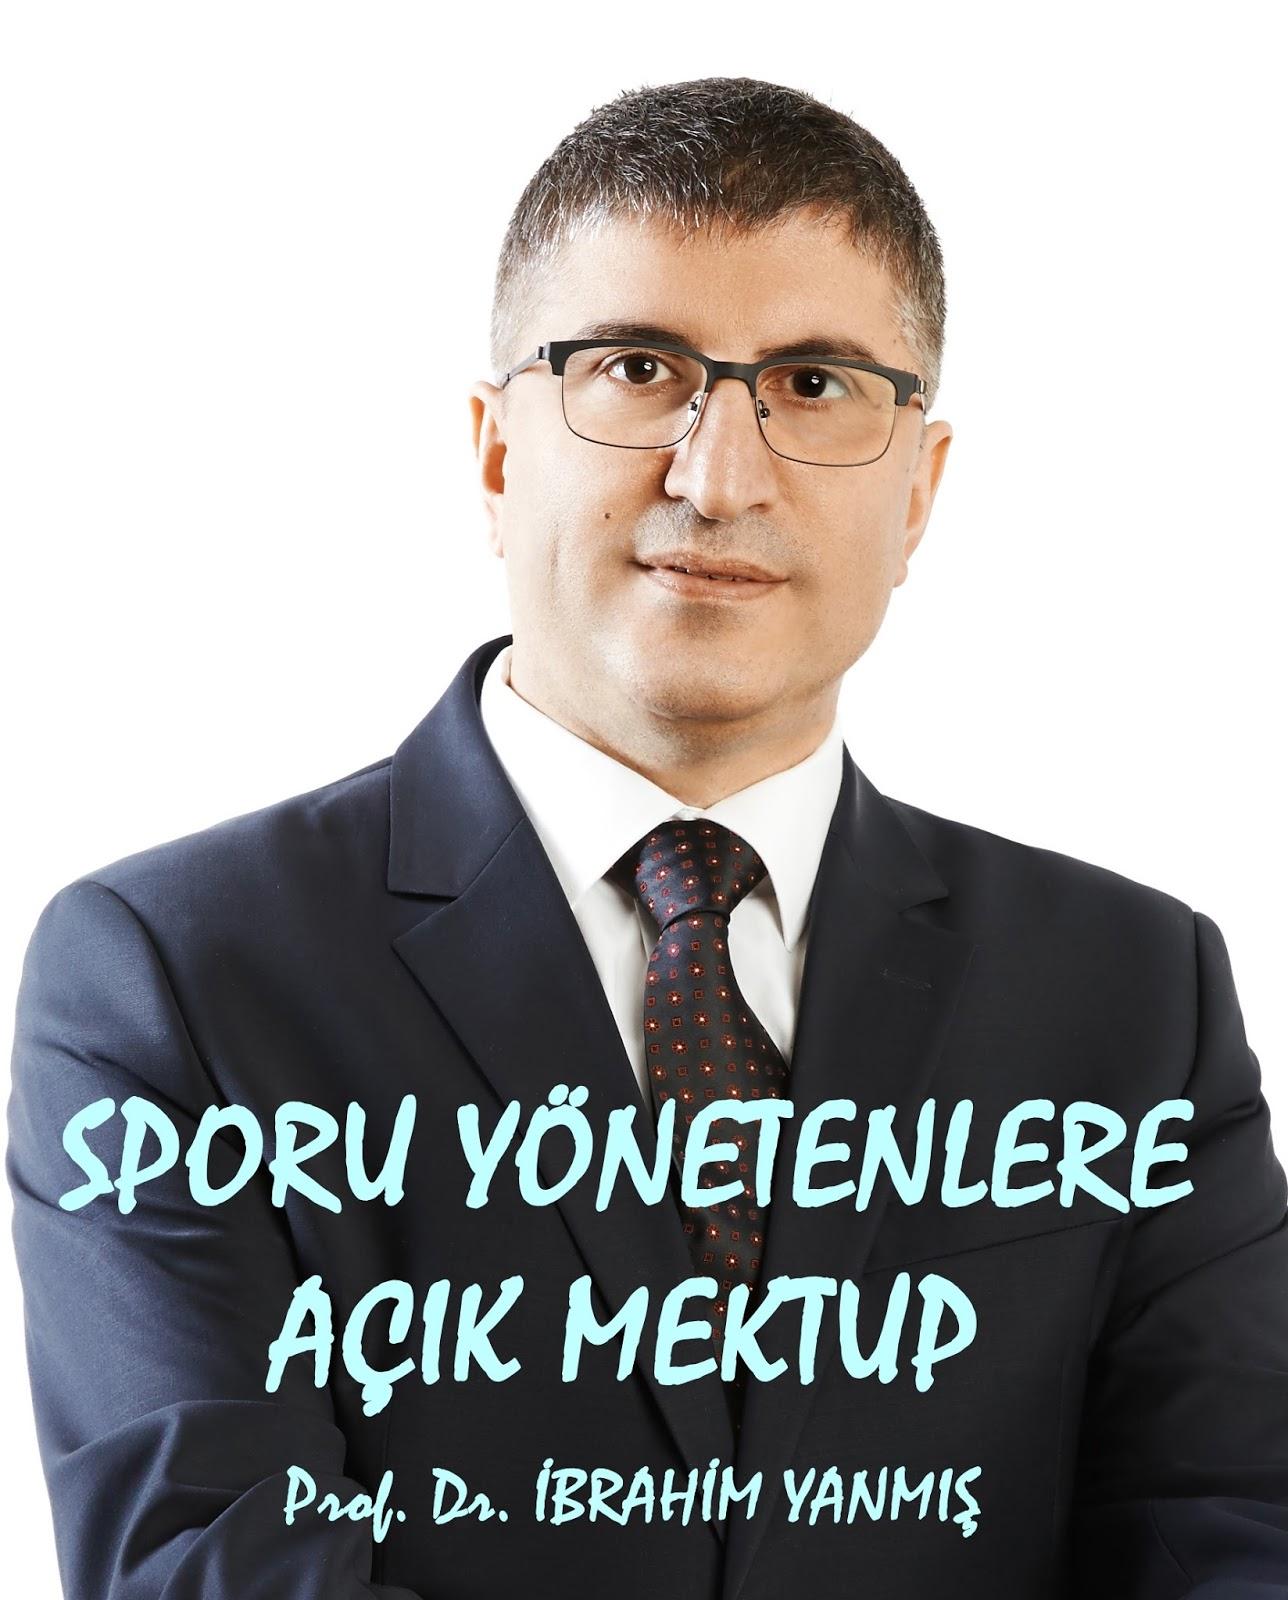 Ünlü radyocu Murat Çetinden anlamlı hareket